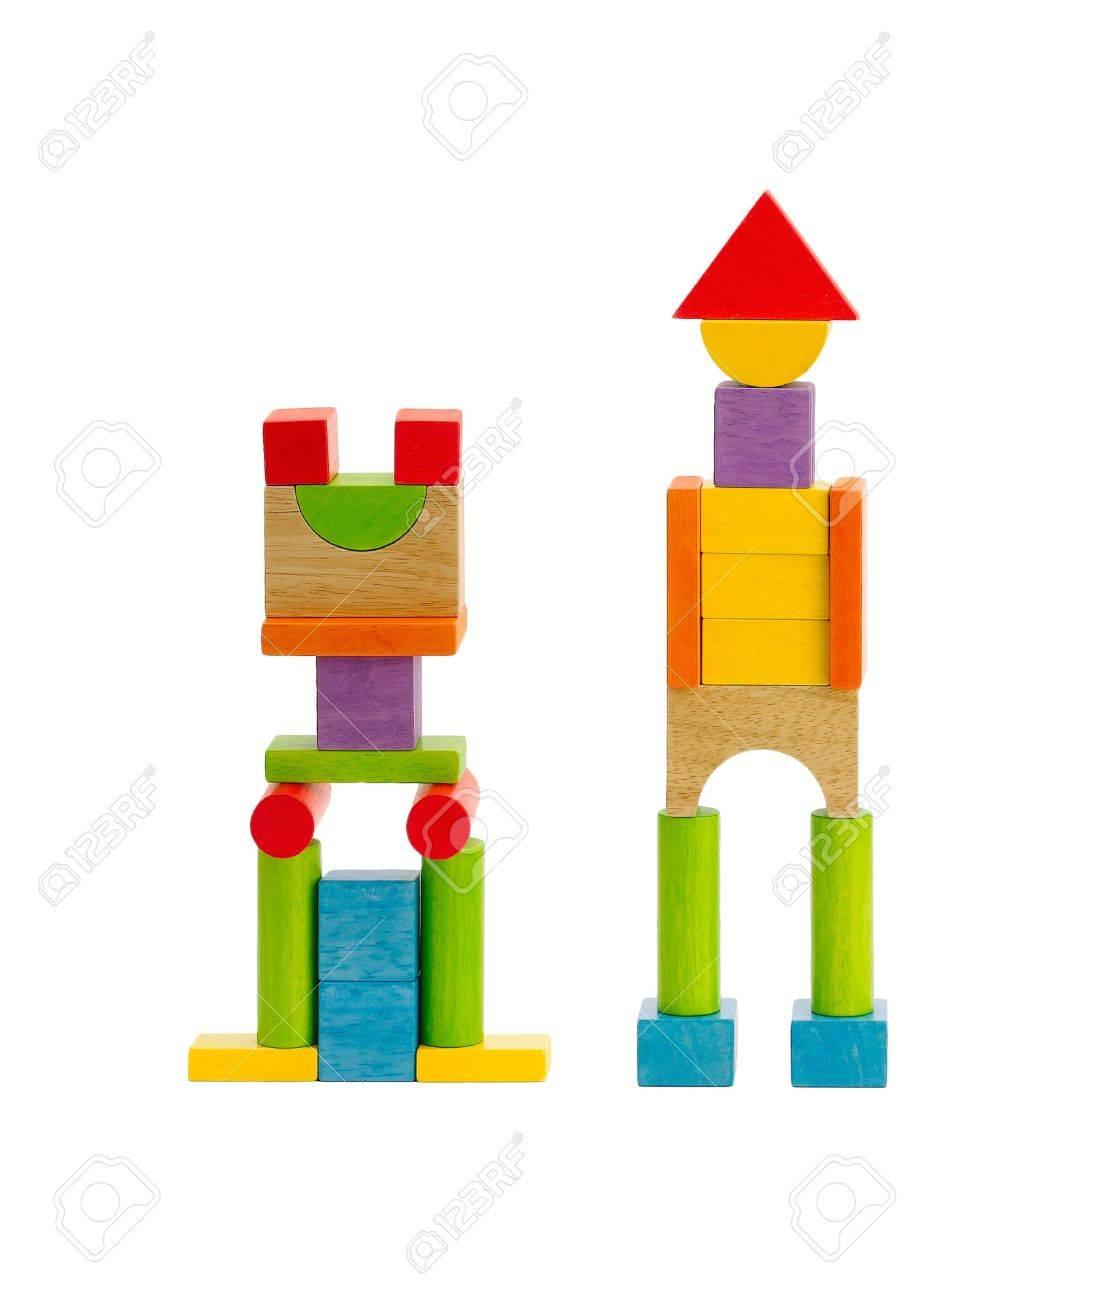 Madera Puede Disfrutar Robot 54qrl3aj De Juguete Allí Jugar Infancia Y Y7vIfb6gy